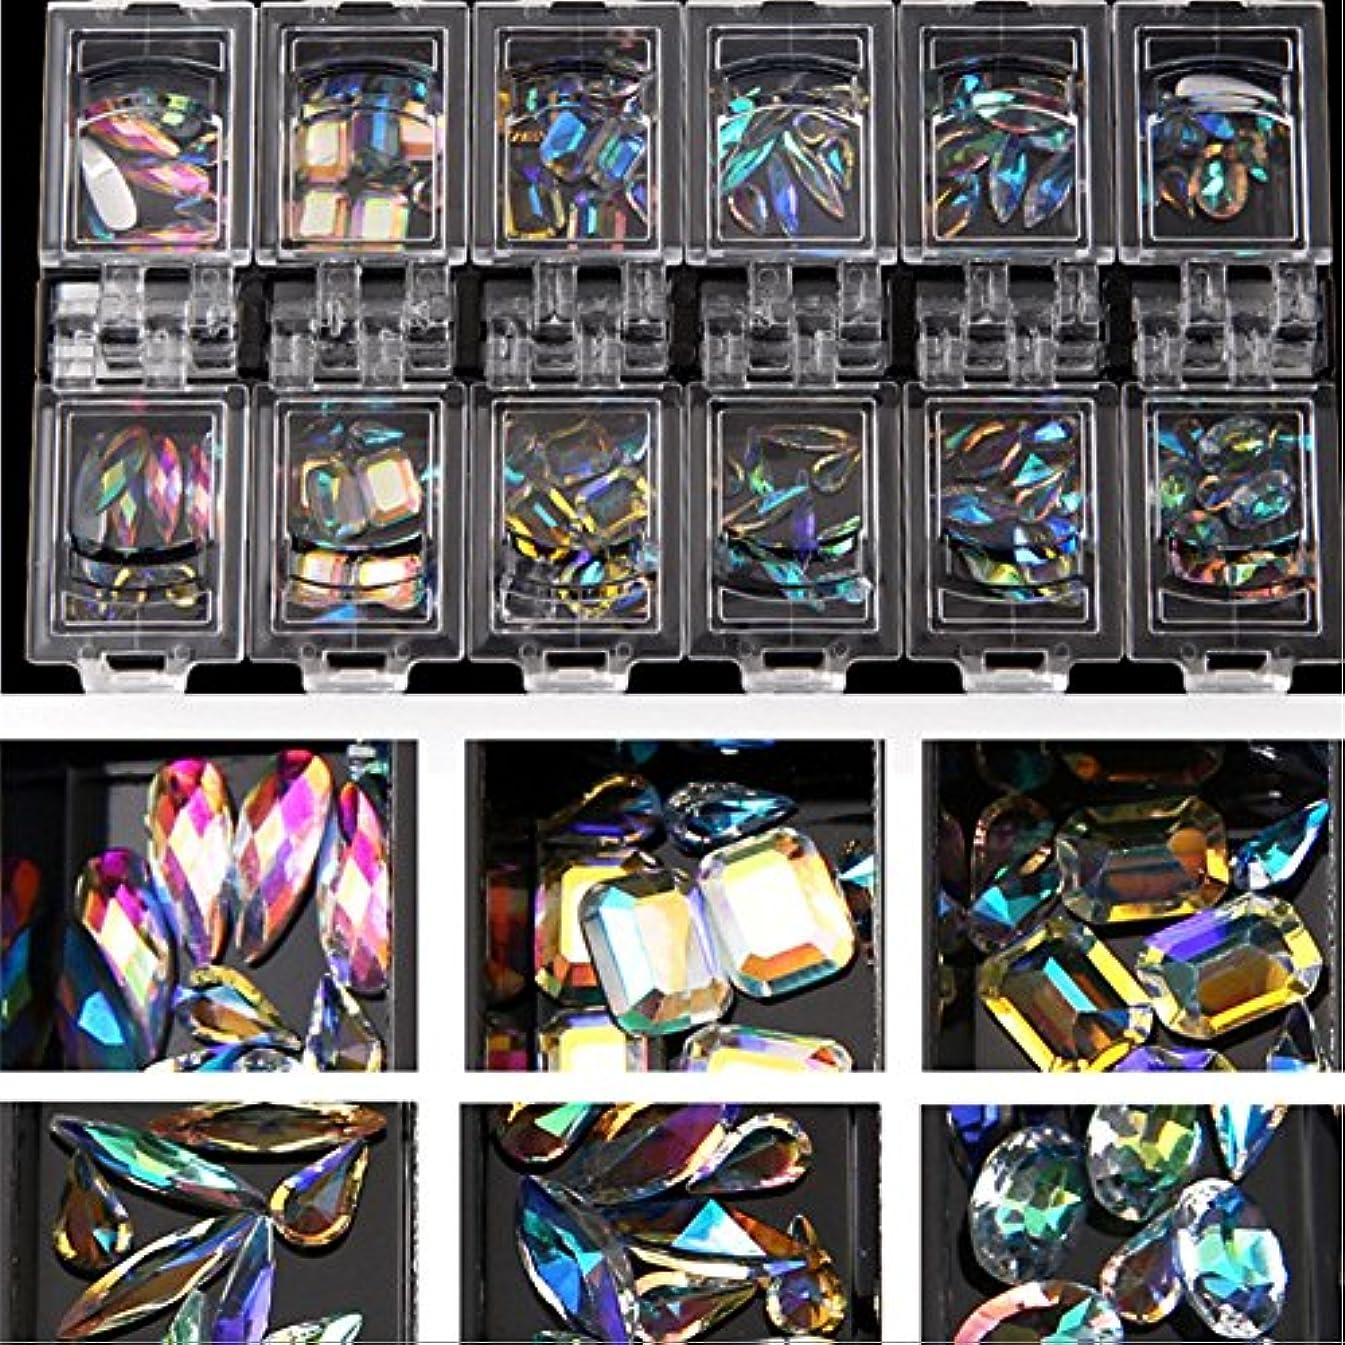 12スタイル/セット3dネイルアートカラフルなクリアクリスタルミックスサイズレディネイルのヒントデカールデコレーション